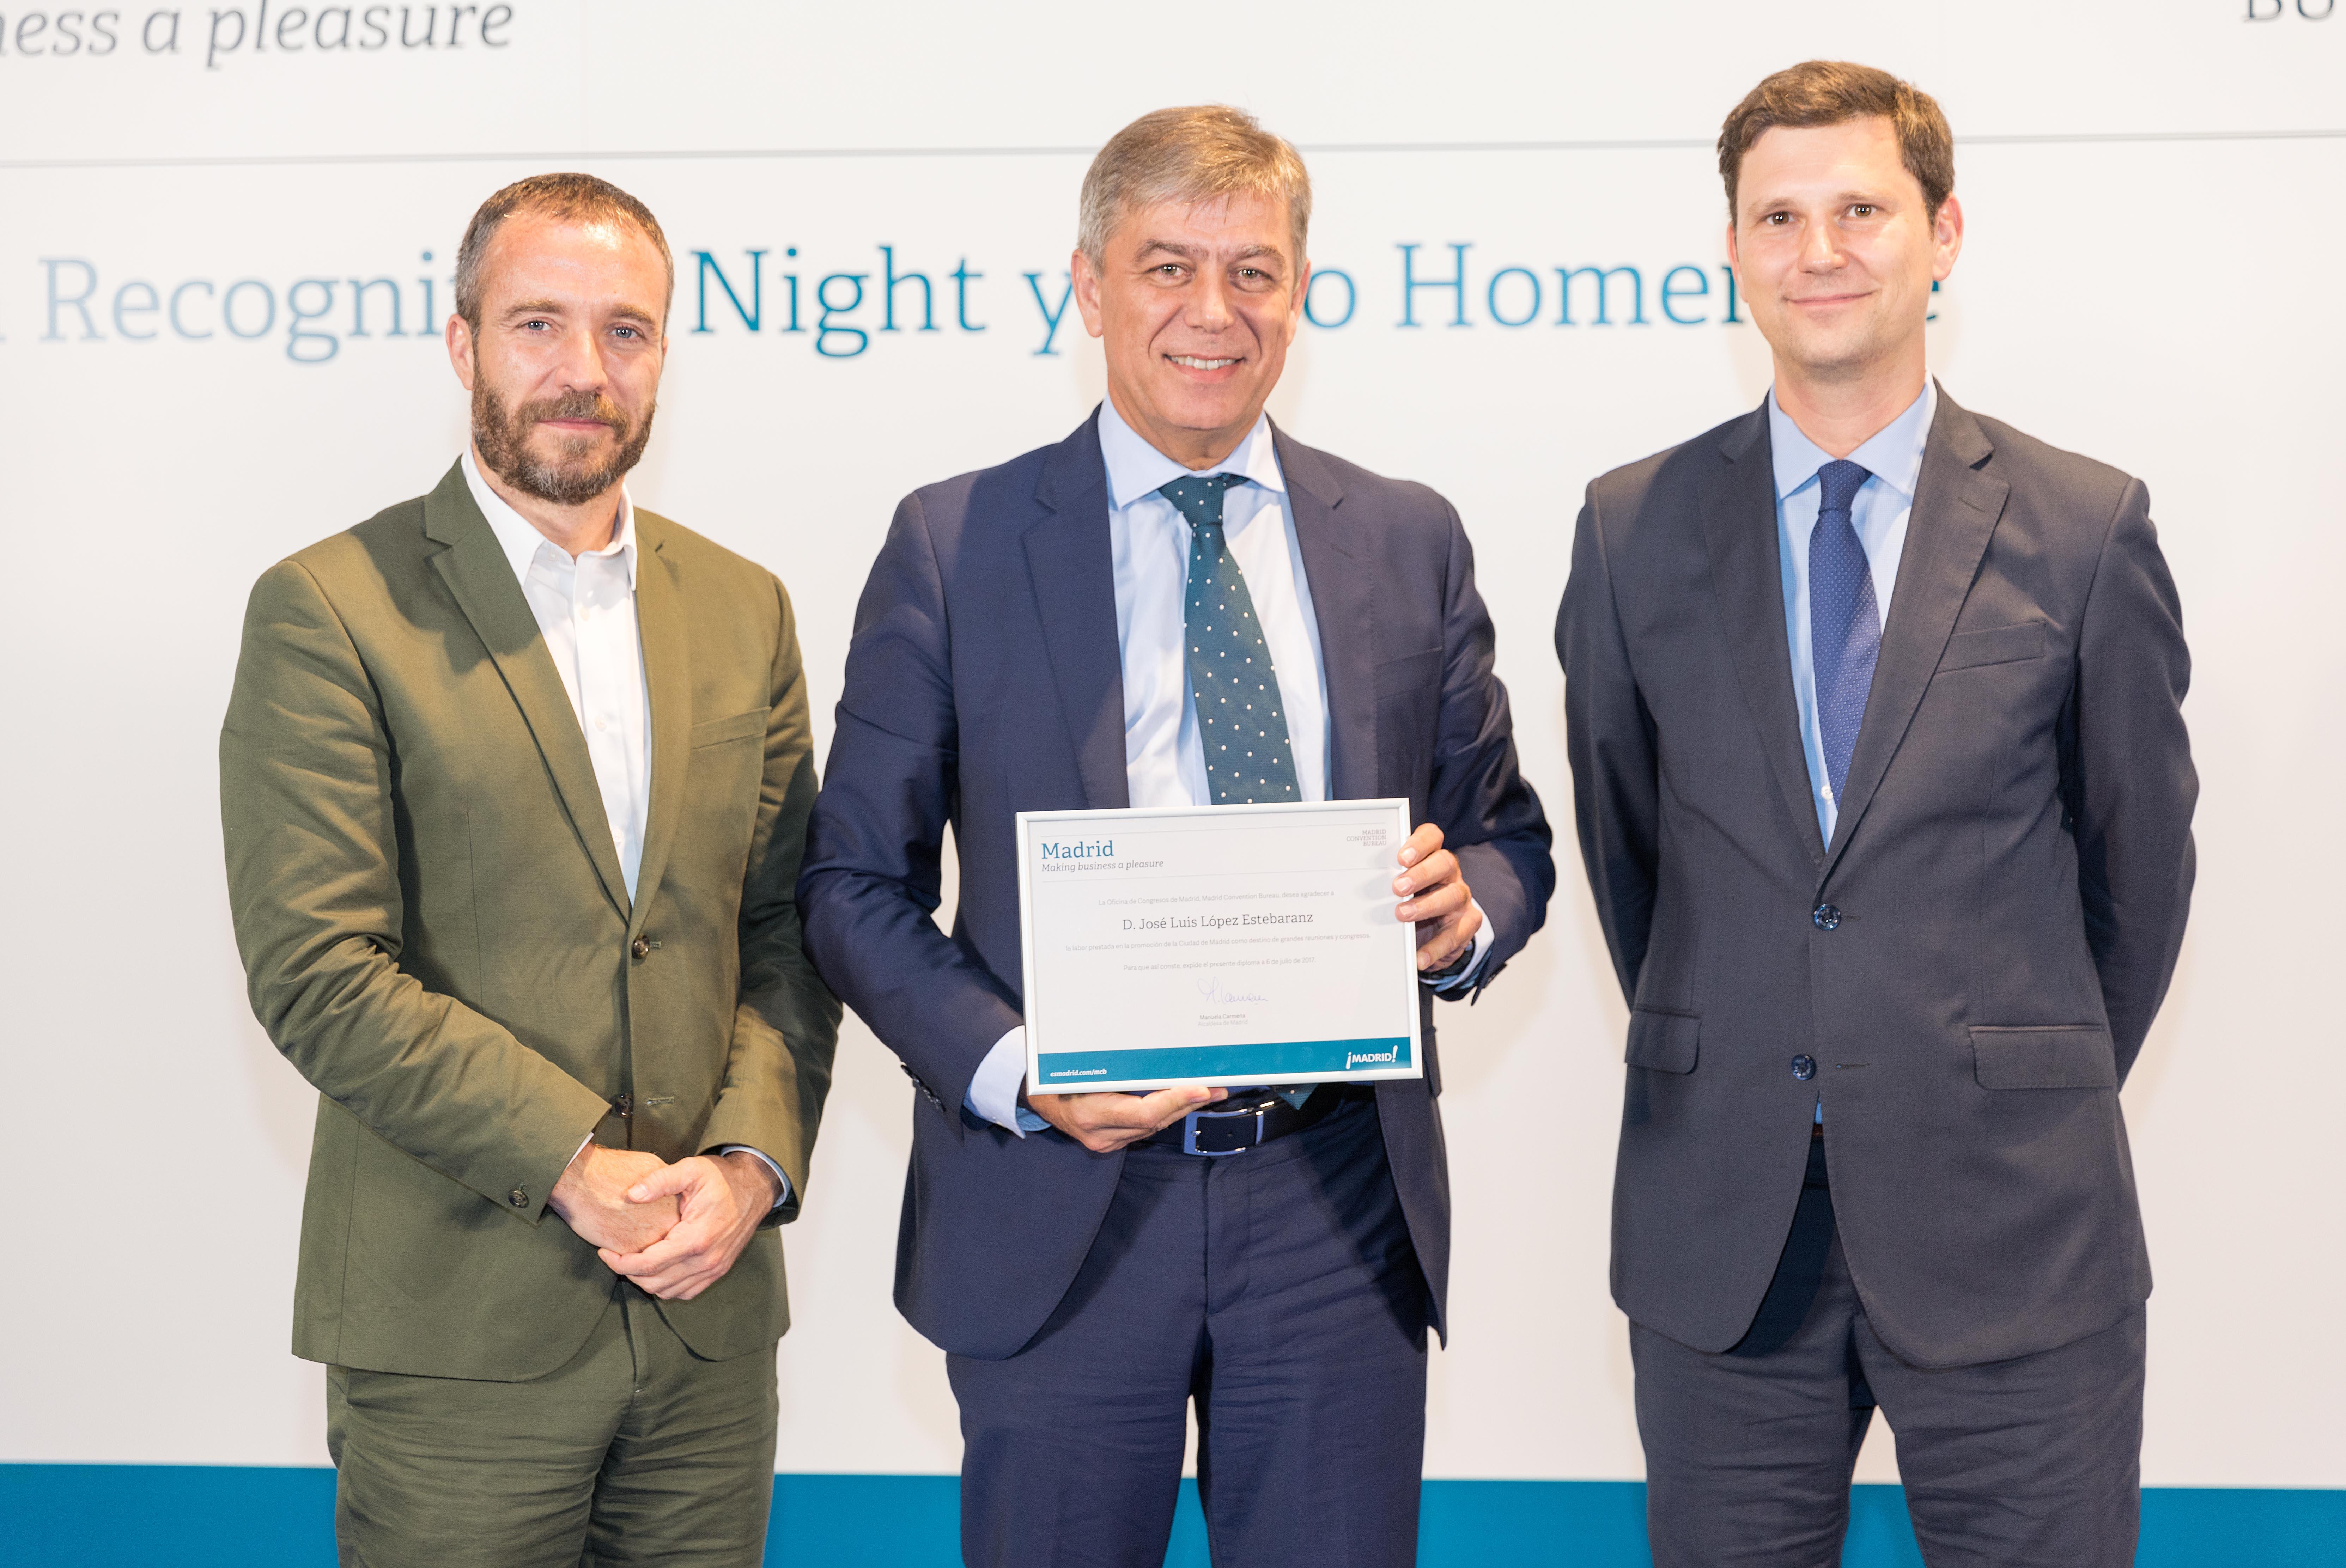 premio lópez estebaranz - clínica dermatológica madrid